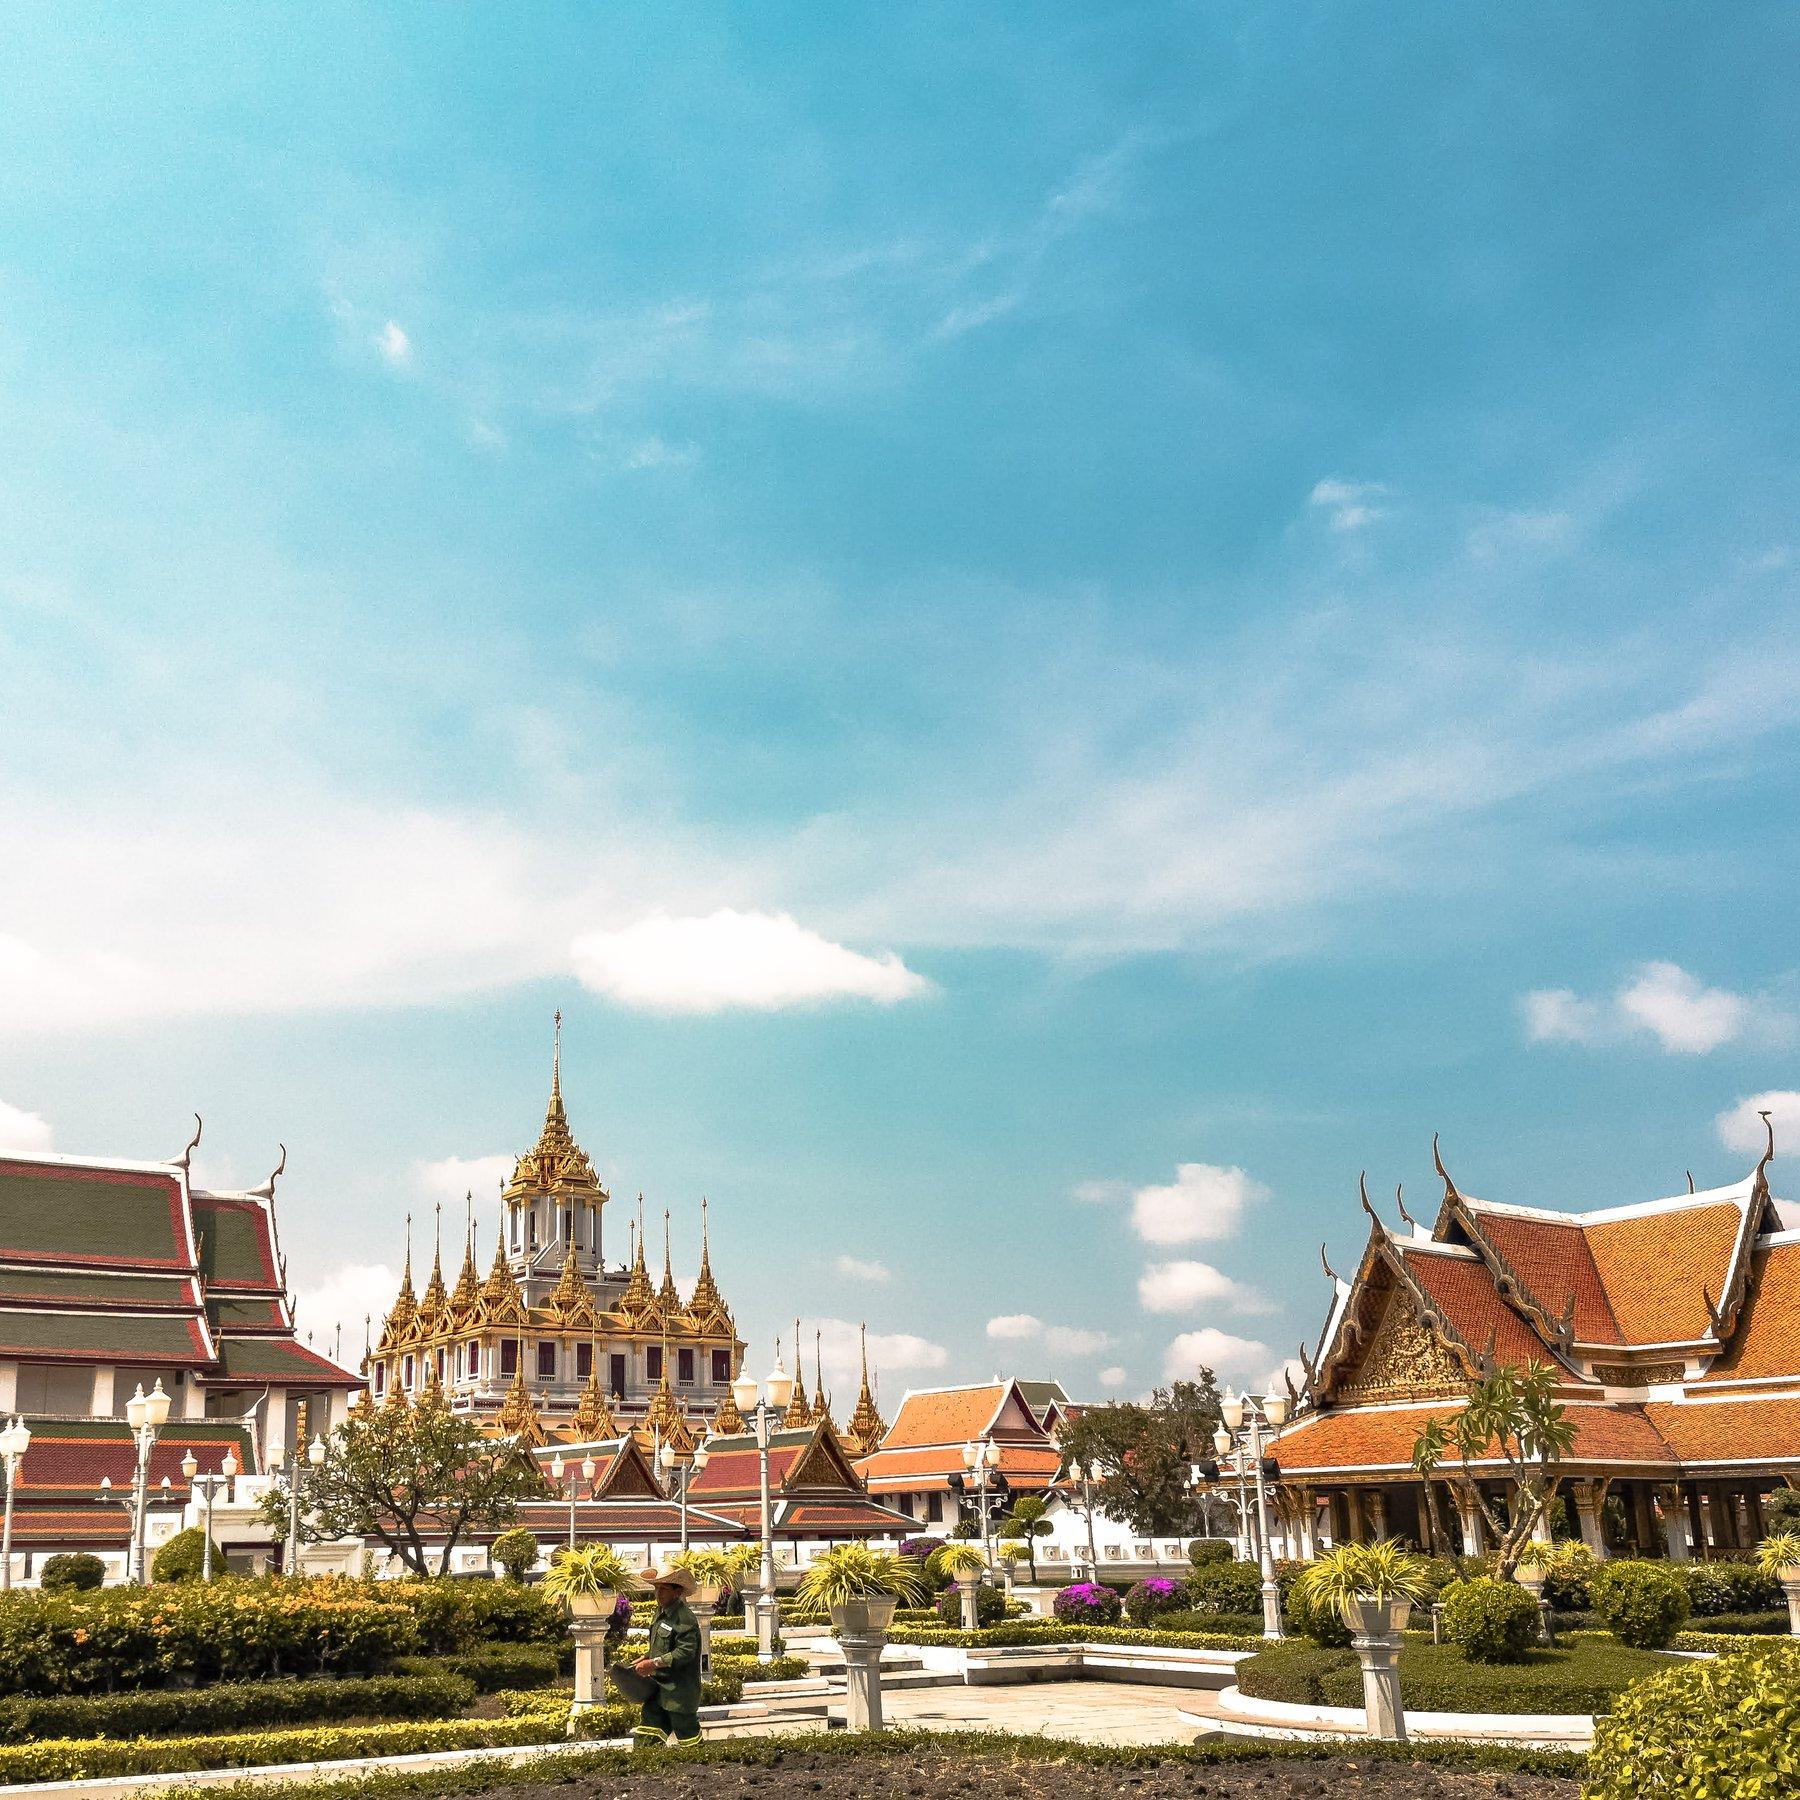 orange temples during daytime